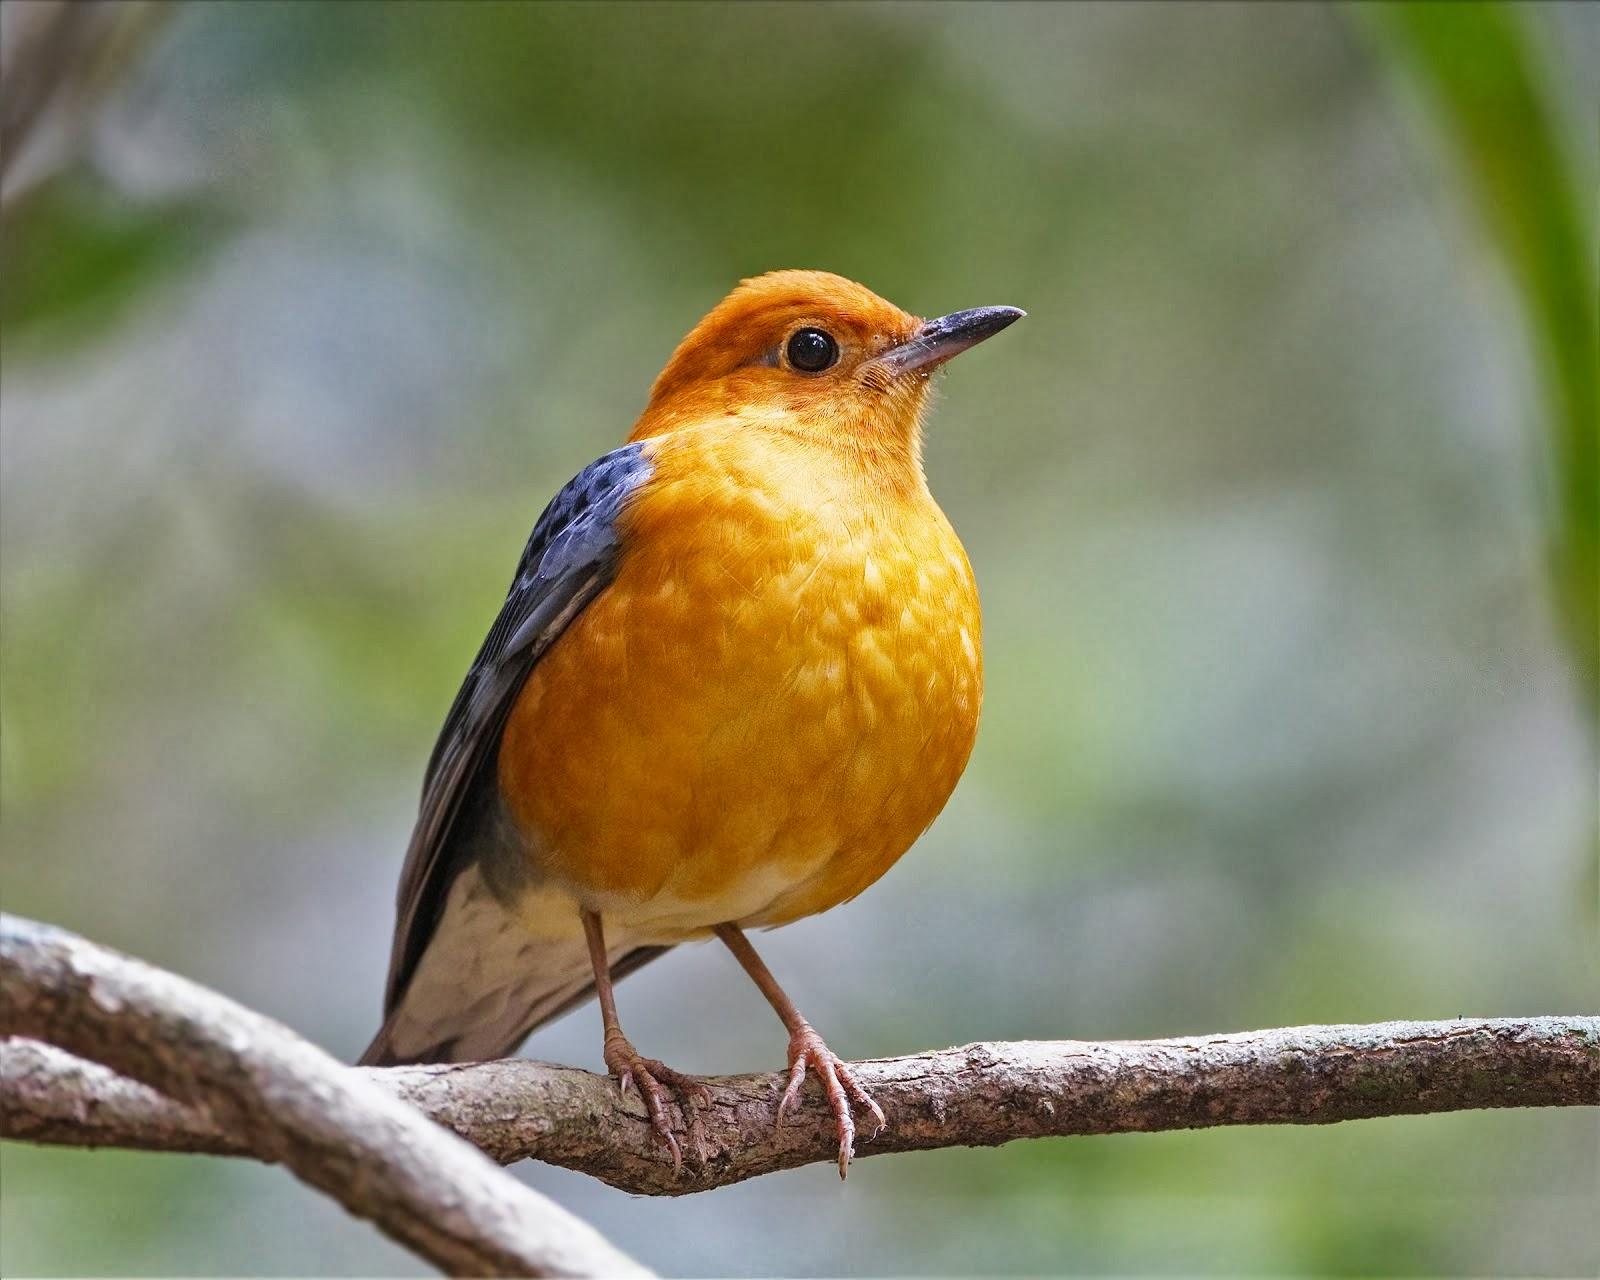 burung lovebird ngekek panjang mp3 burung labet